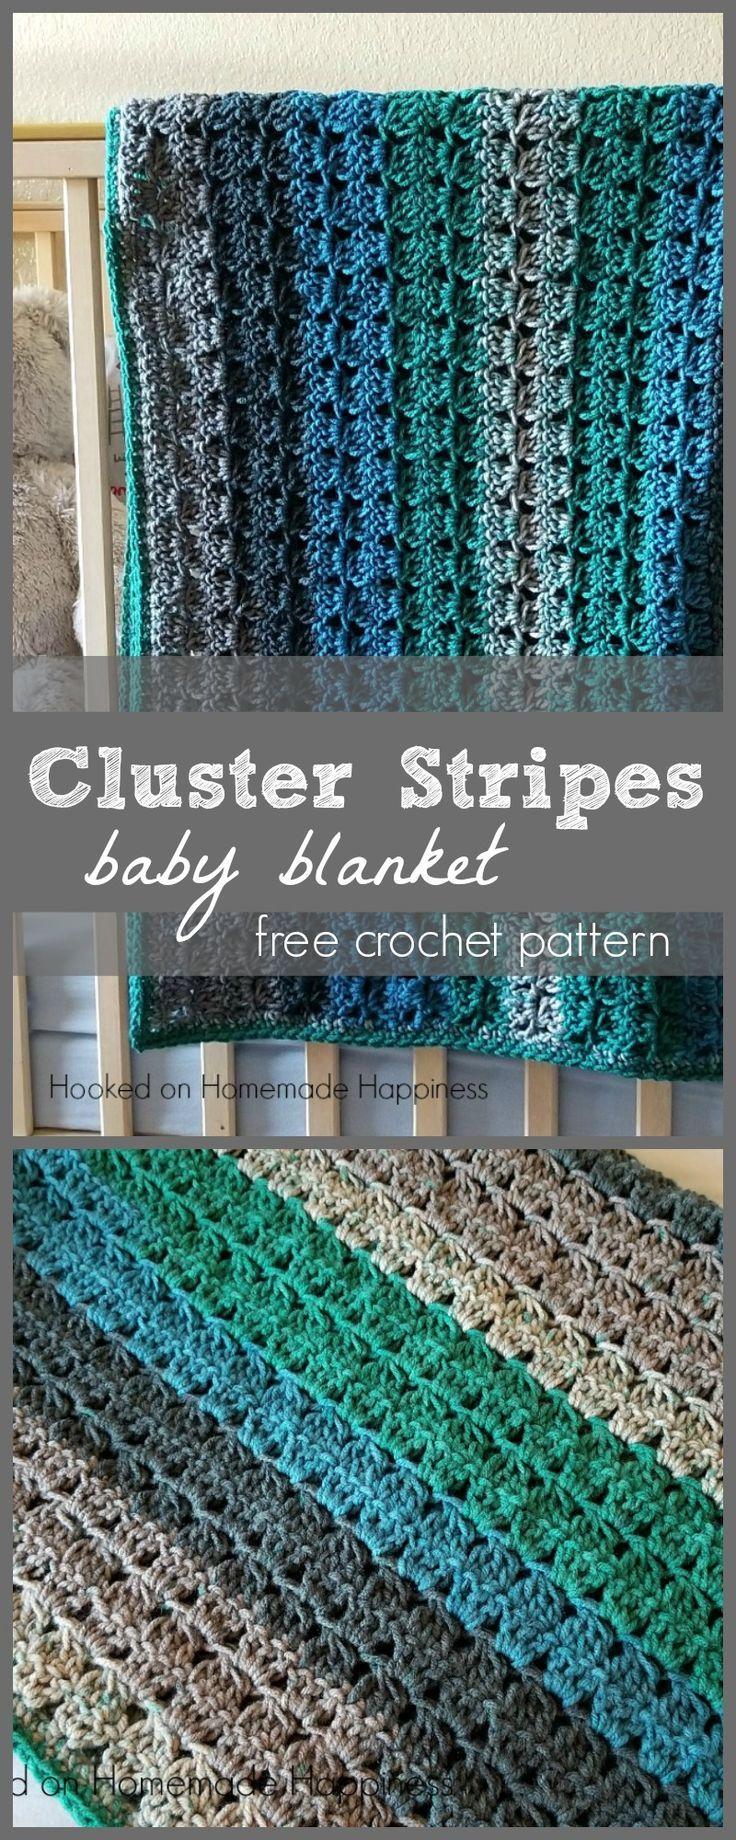 Cluster Stripes Baby Blanket Crochet Pattern | Manta, Ganchillo y ...